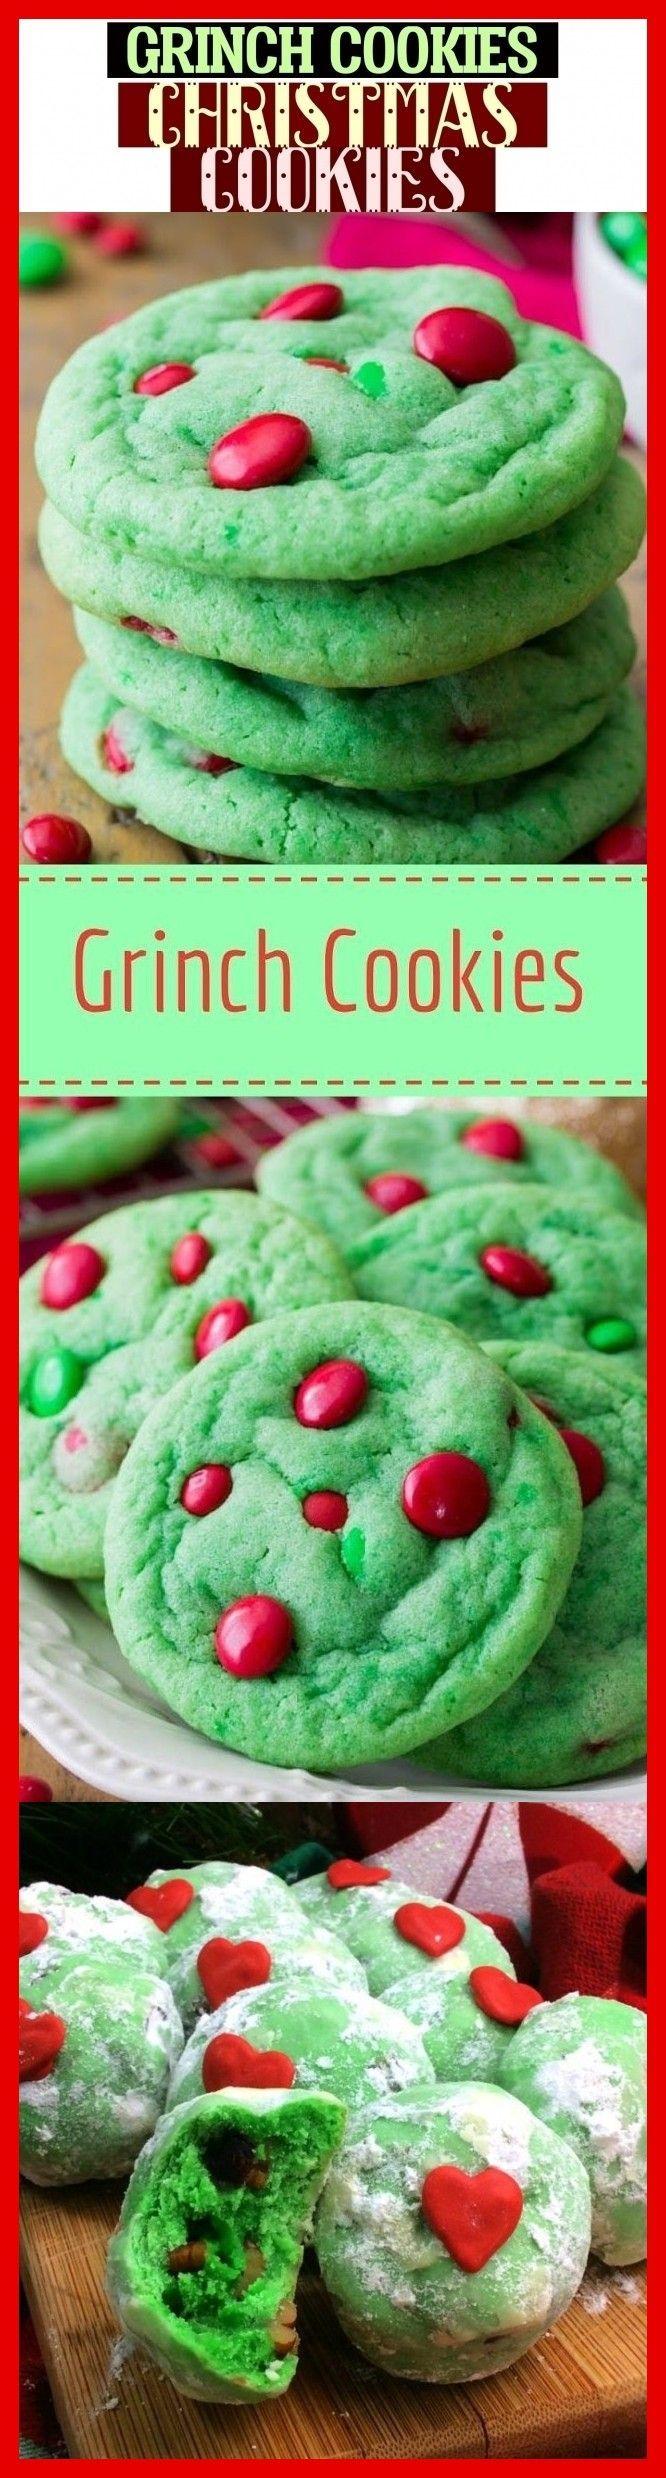 Mehr als 44 Grinch Cookies Weihnachtsplätzchen & Grinch Cookies #Weihnachten #Kochen ... #grinchcookies